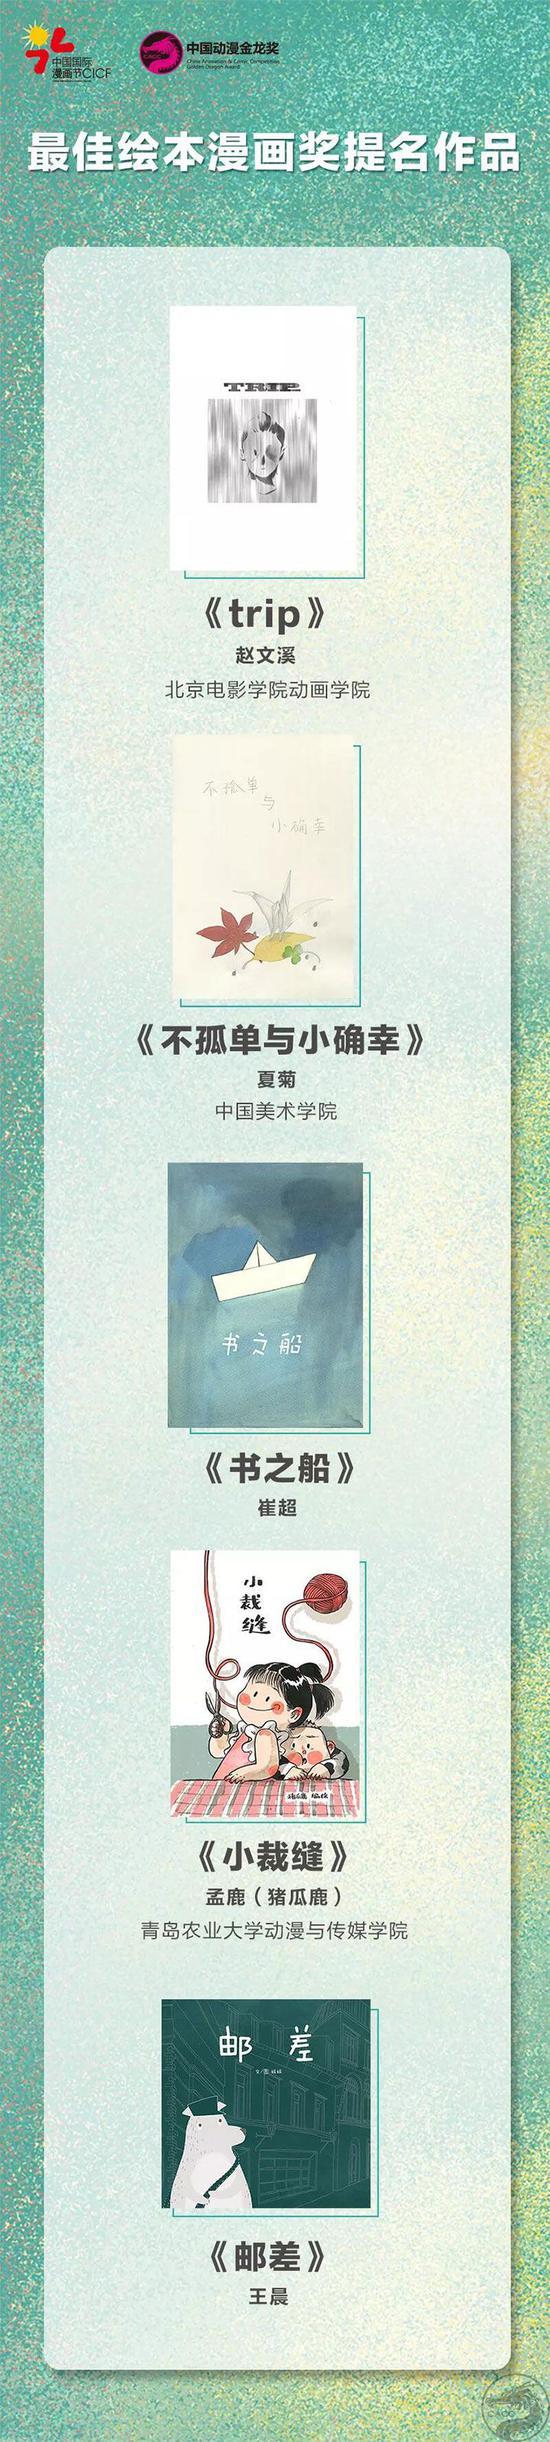 中国动漫金龙奖(CACC)最佳绘本漫画奖提名作品.jpg